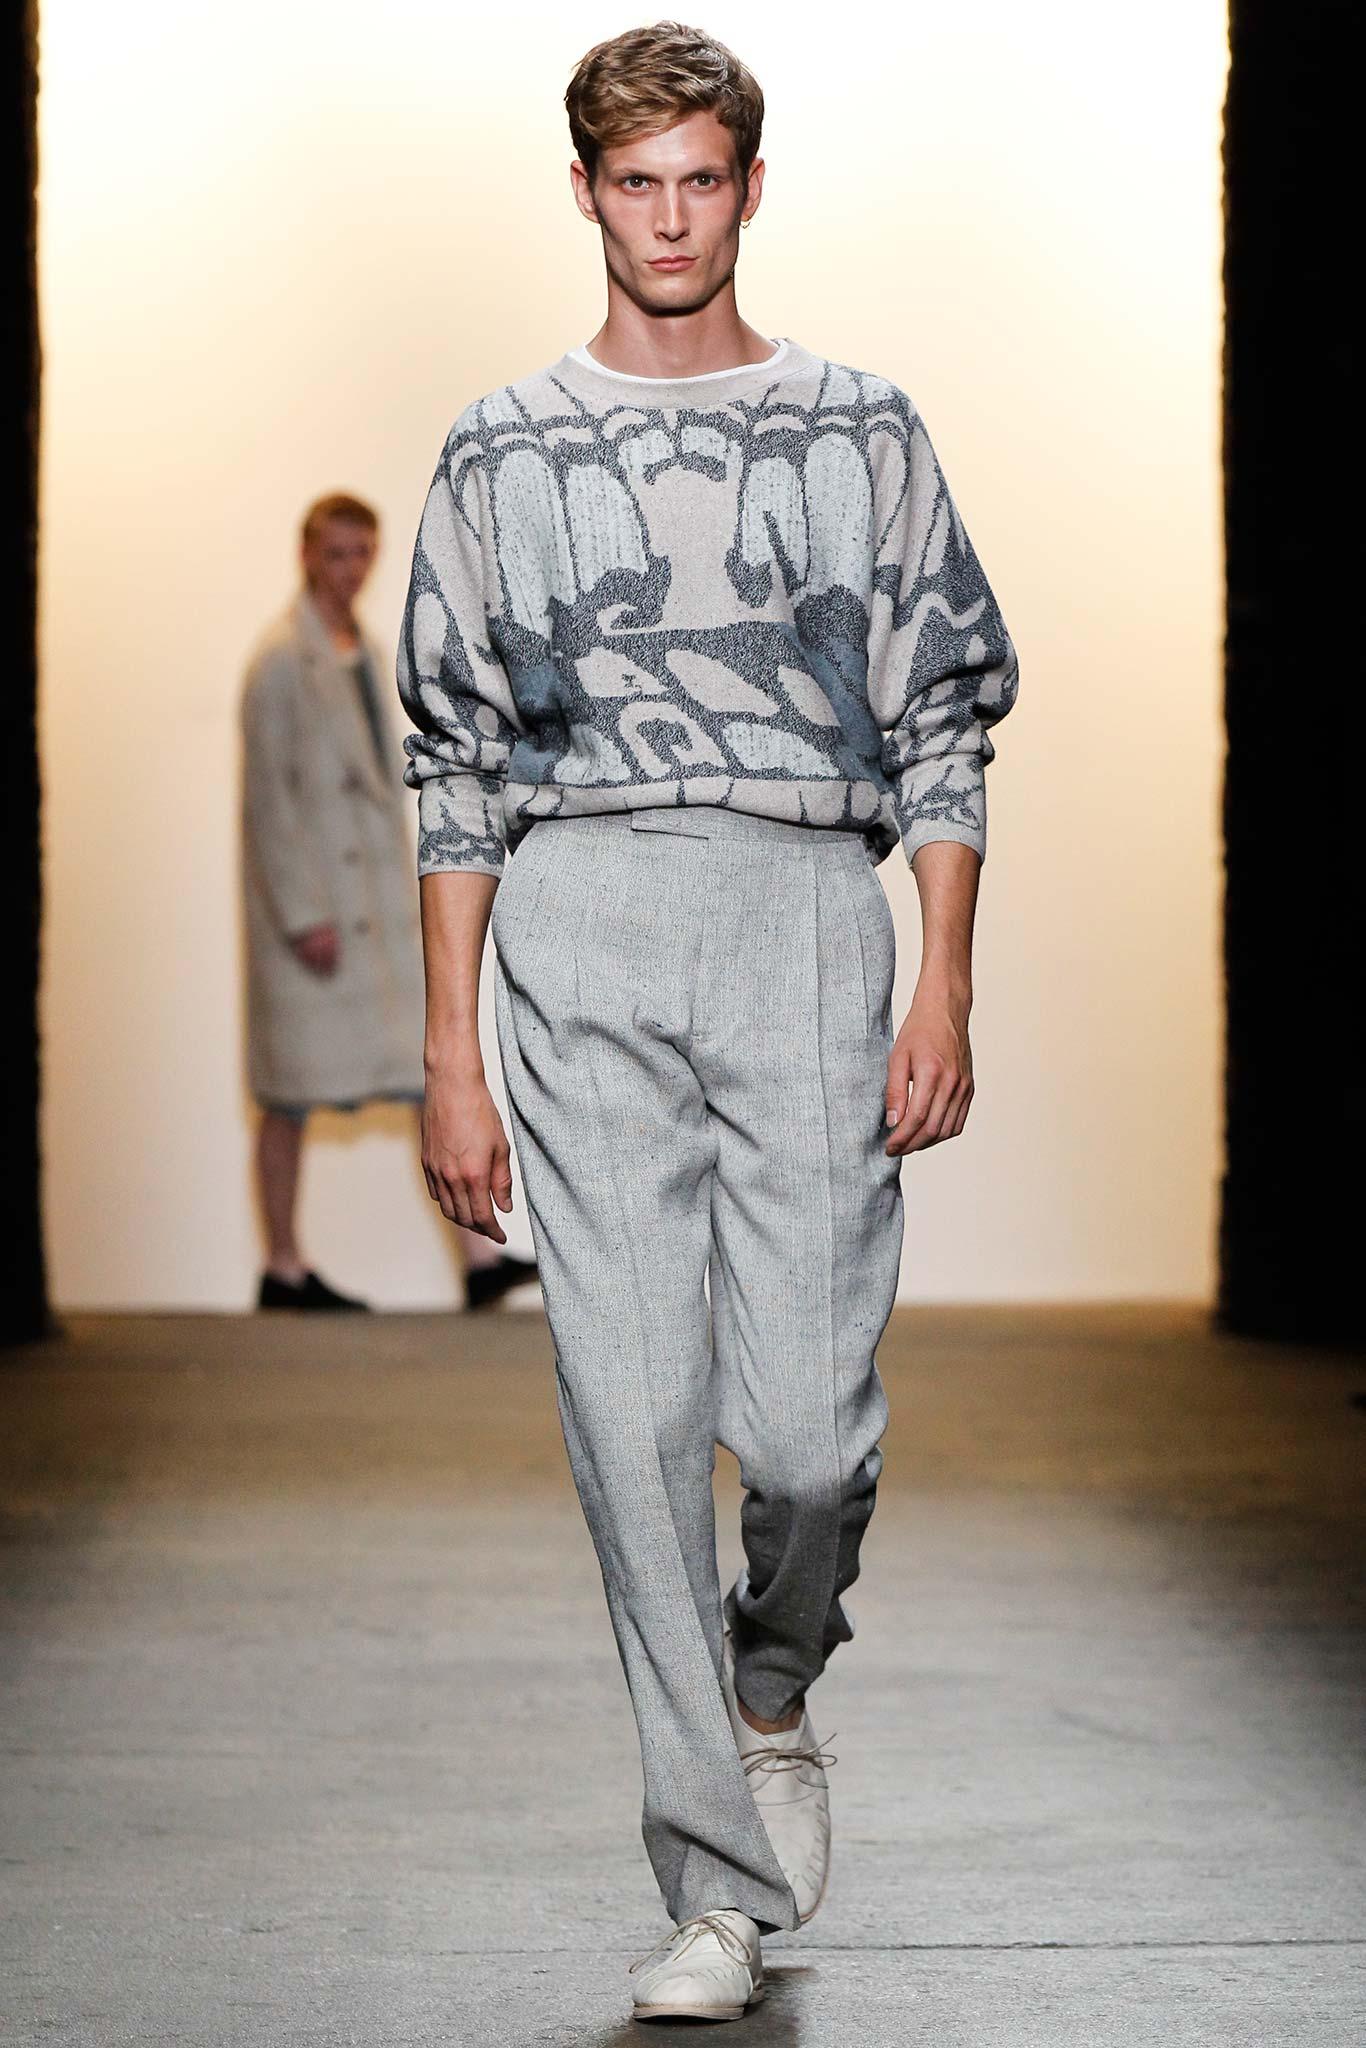 billy reid, nyfwm, new york fashion week, new york fashion week mens